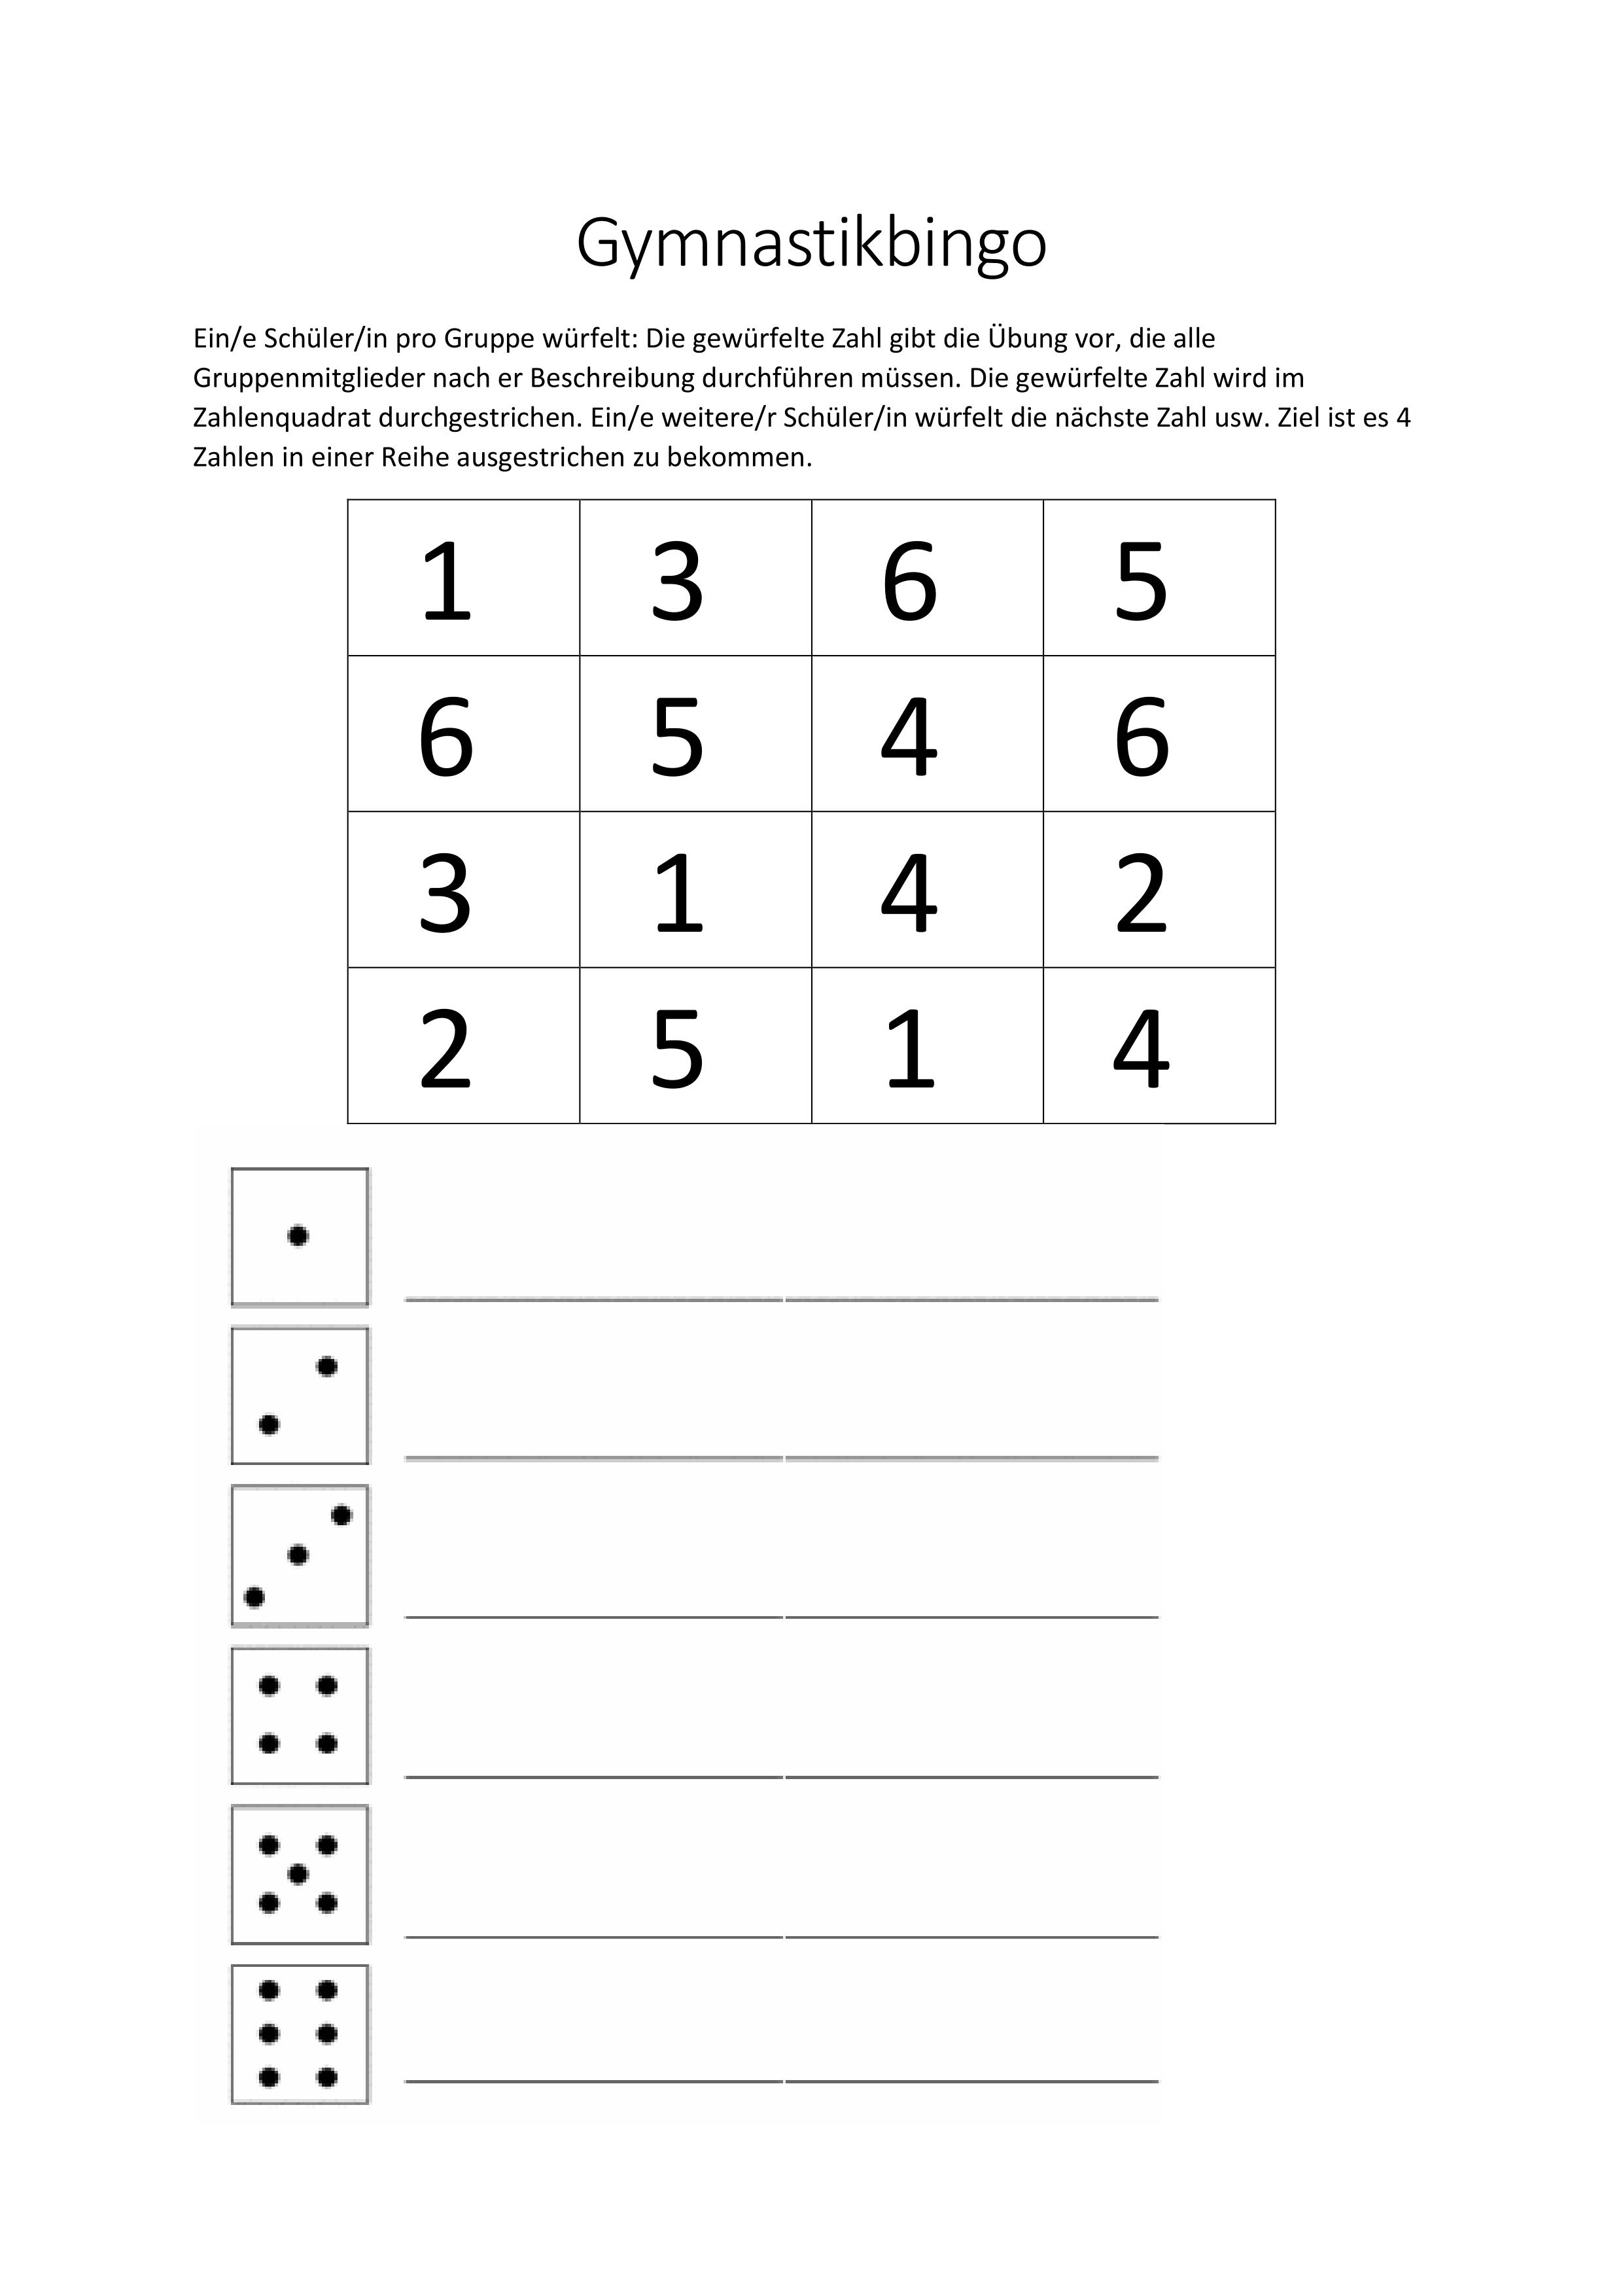 Bingo Vorlage Unterrichtsmaterial Im Fach Sport In 2020 Bingo Vorlage Bingo Unterrichtsmaterial